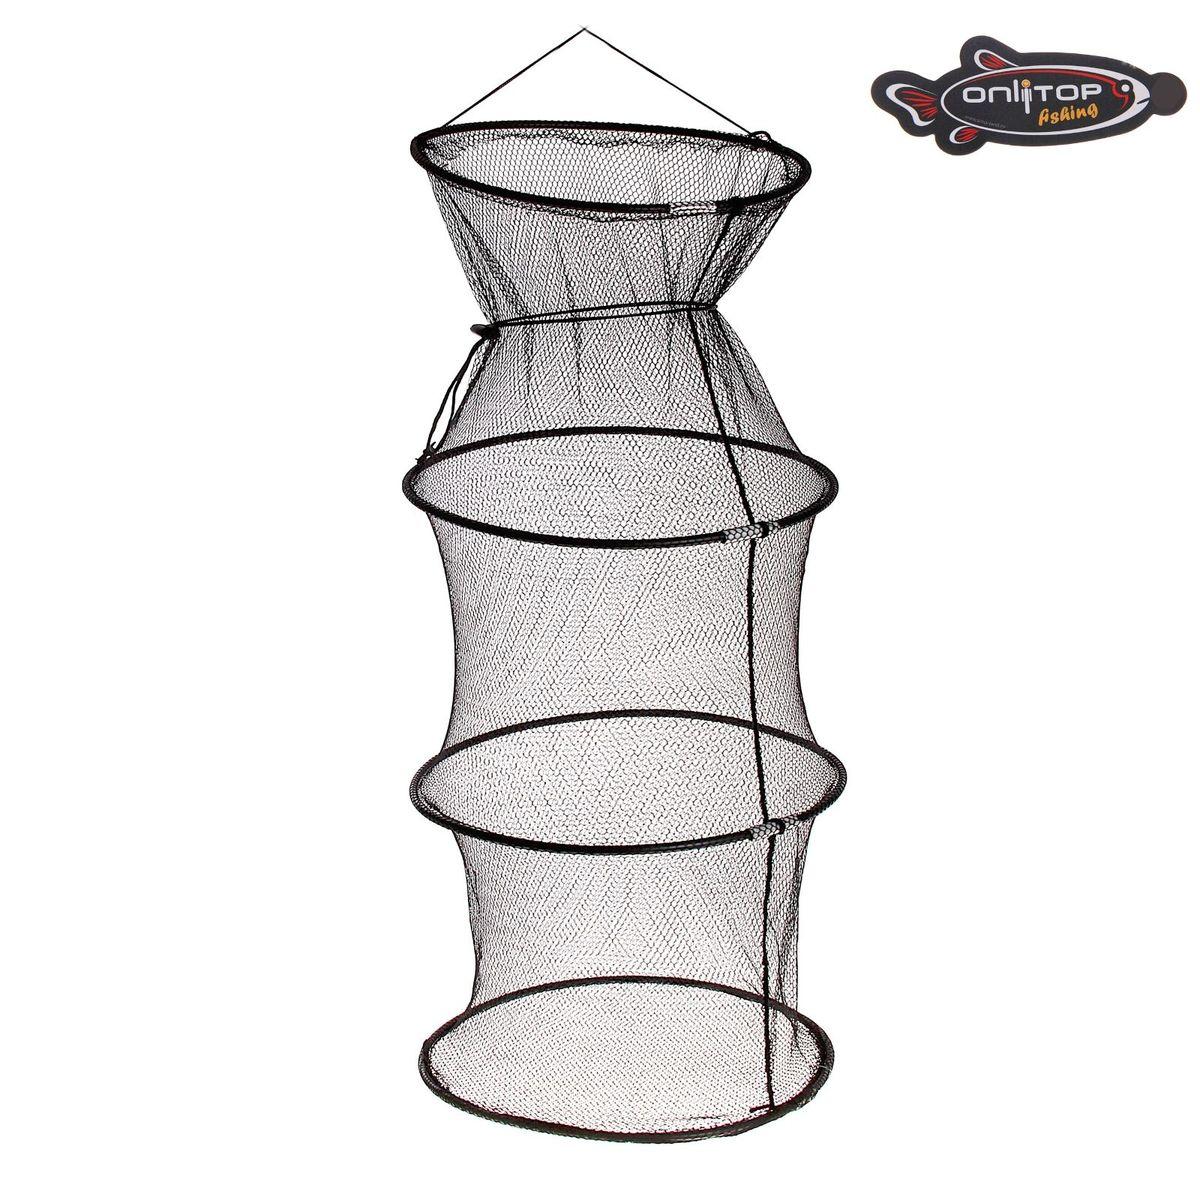 Садок рыболовный Onlitop, складной, диаметр 30 см, длина 85 см1233151Садок рыболовный, складной d=30 см. Его используют для того, чтобы сохранить рыбу живой до конца рыбалки. Каждый рыболов просто обязан иметь в свое арсенале ходя бы один подобный предмет. Он подходит для средней и крупной рыбы, достаточно крепок, чтобы выдержать достаточно большой улов. Благодаря мелким ячейкам он прослужит вам долгие годы.